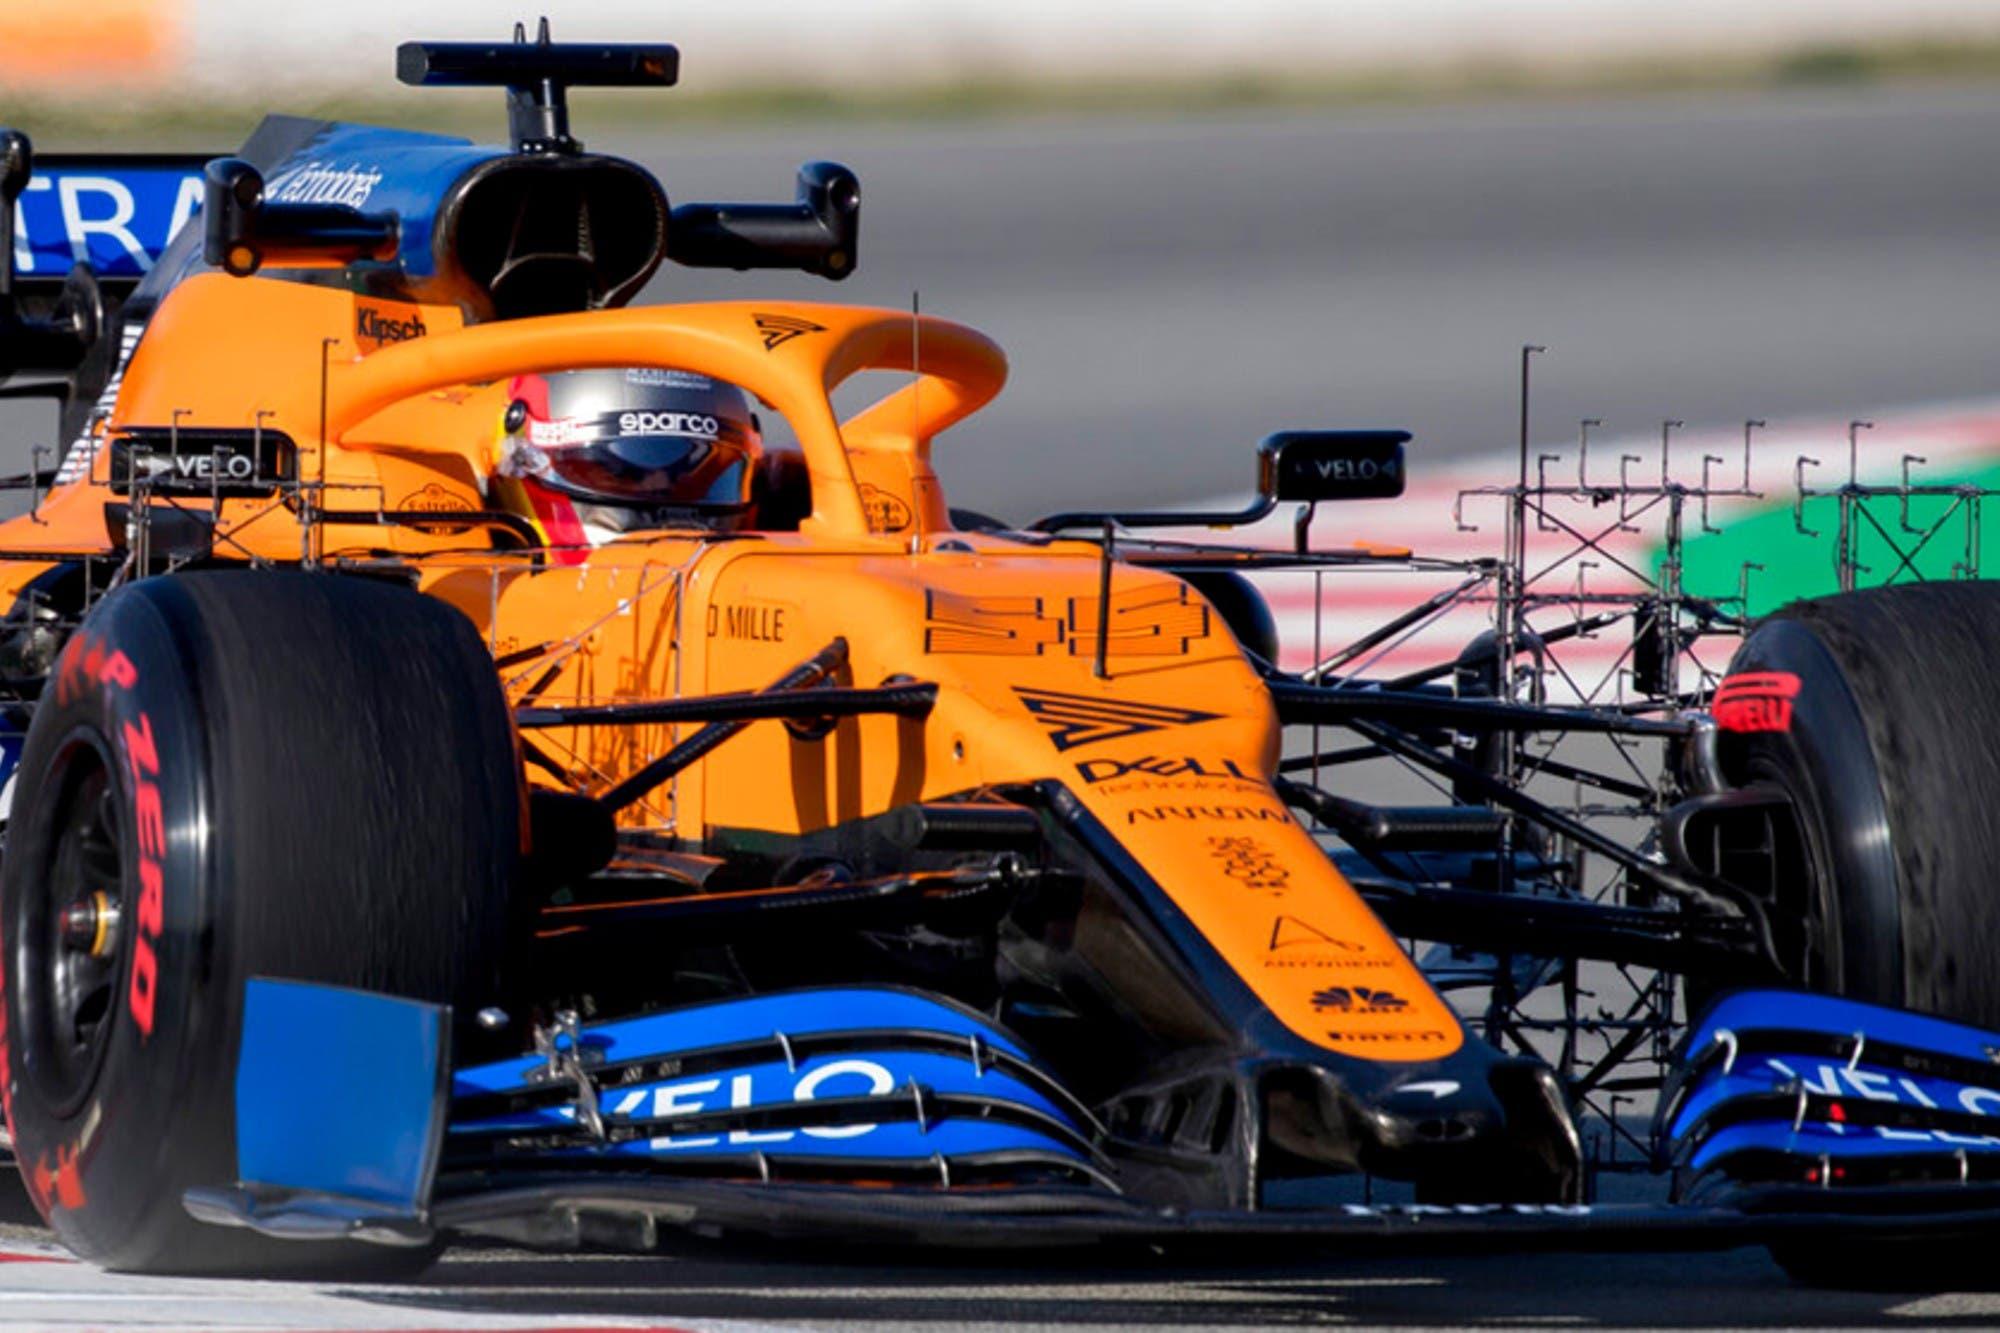 La Fórmula 1 después del coronavirus: los recursos, la posible desaparición de equipos y el mínimo que se necesita para un campeonato del mundo